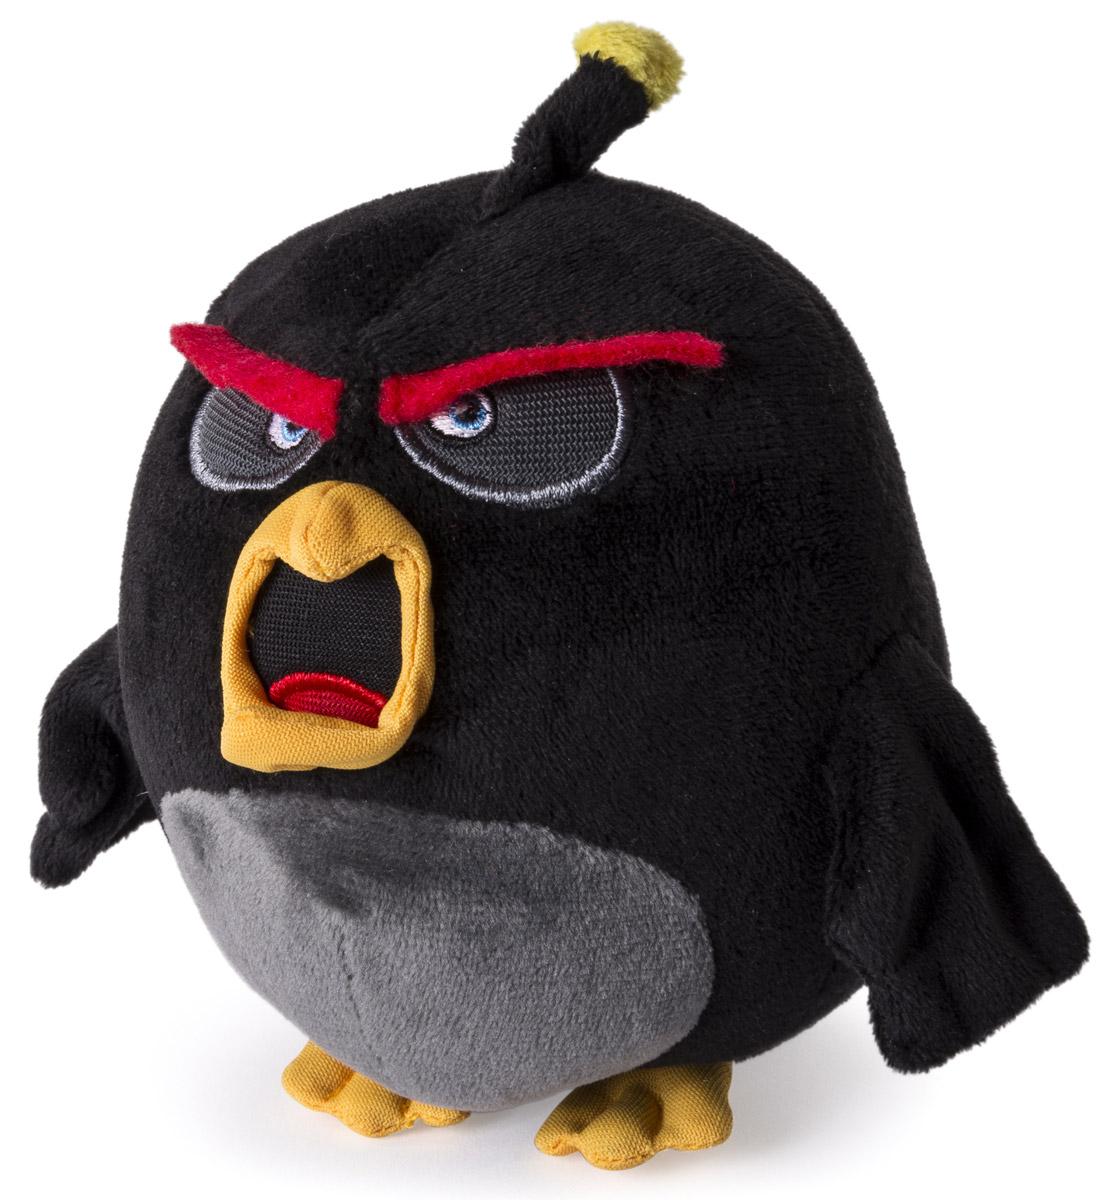 Angry Birds Мягкая игрушка Птица Bomb 13 см angry birds мяг игр 20см желтая птица и игрушка подвеска с клипом 7см